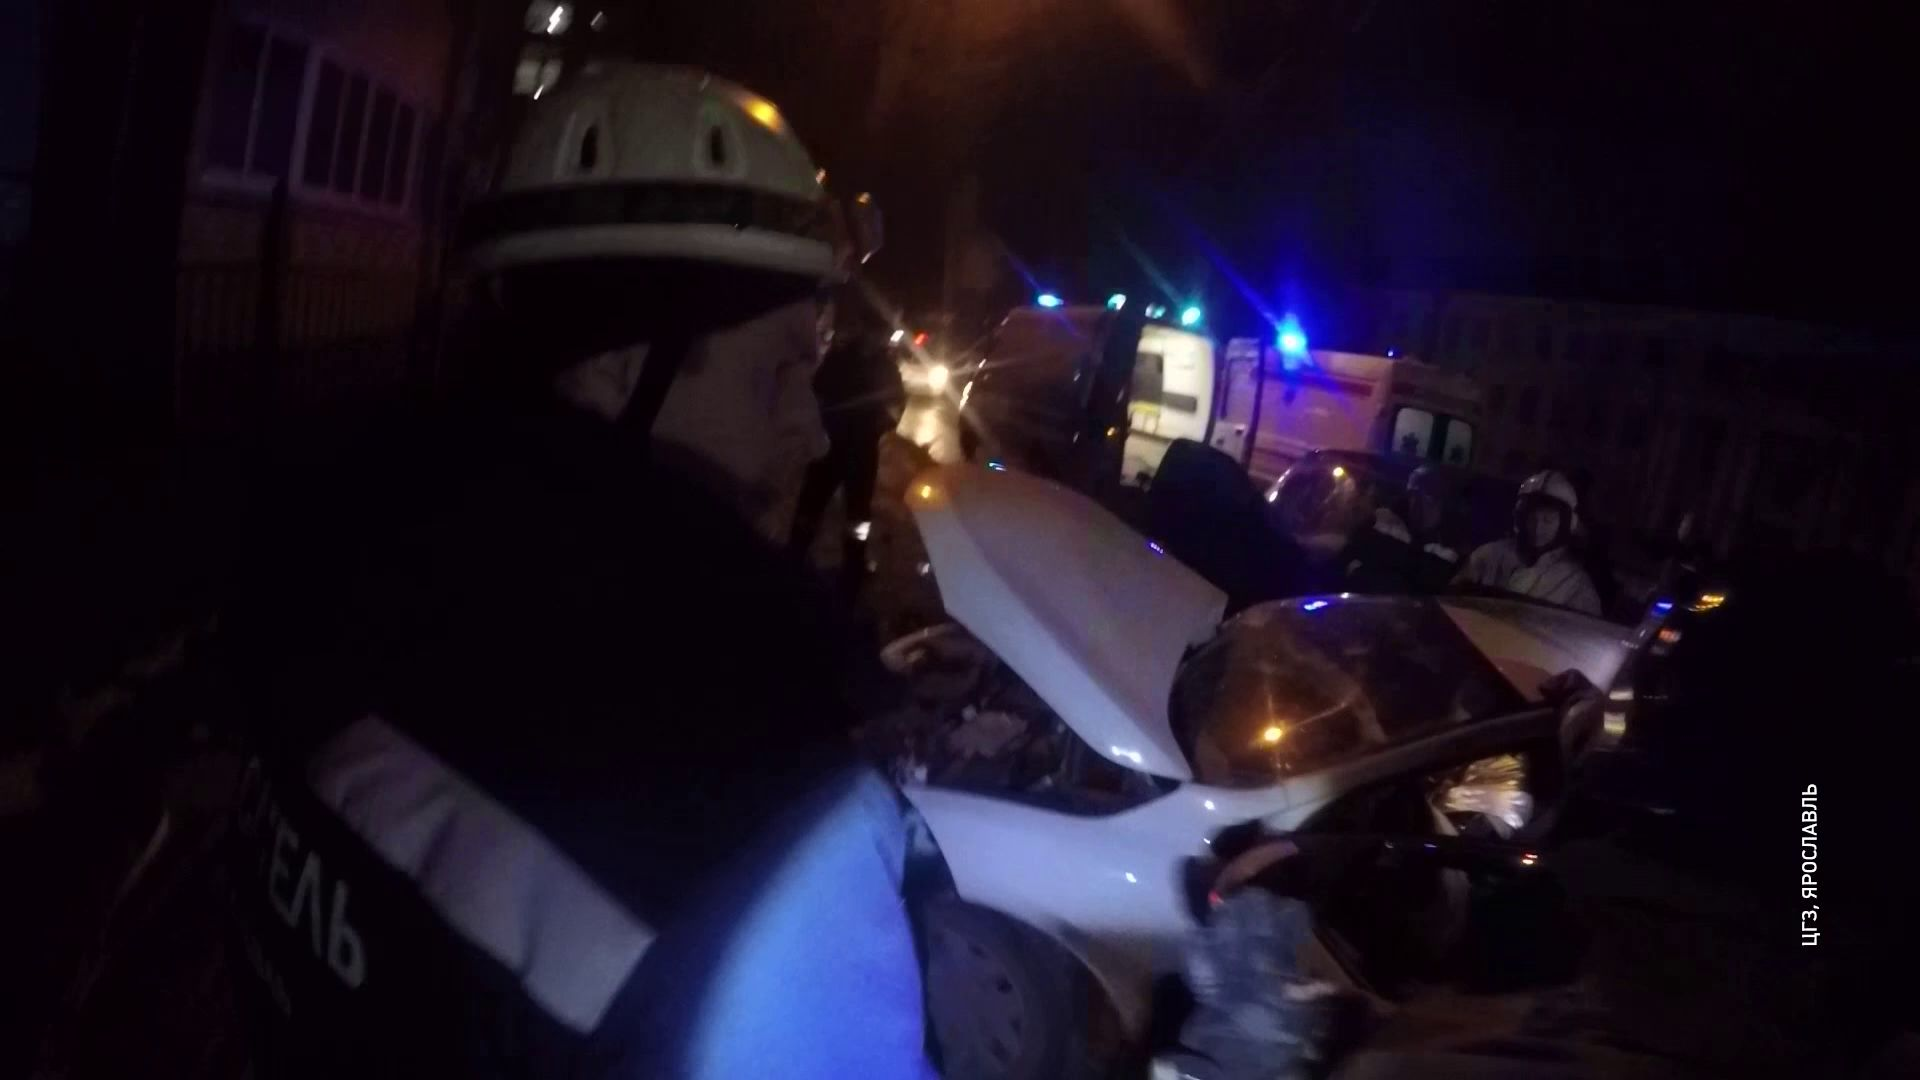 Троих человек зажало в салоне после столкновения автомобилей в Ярославле